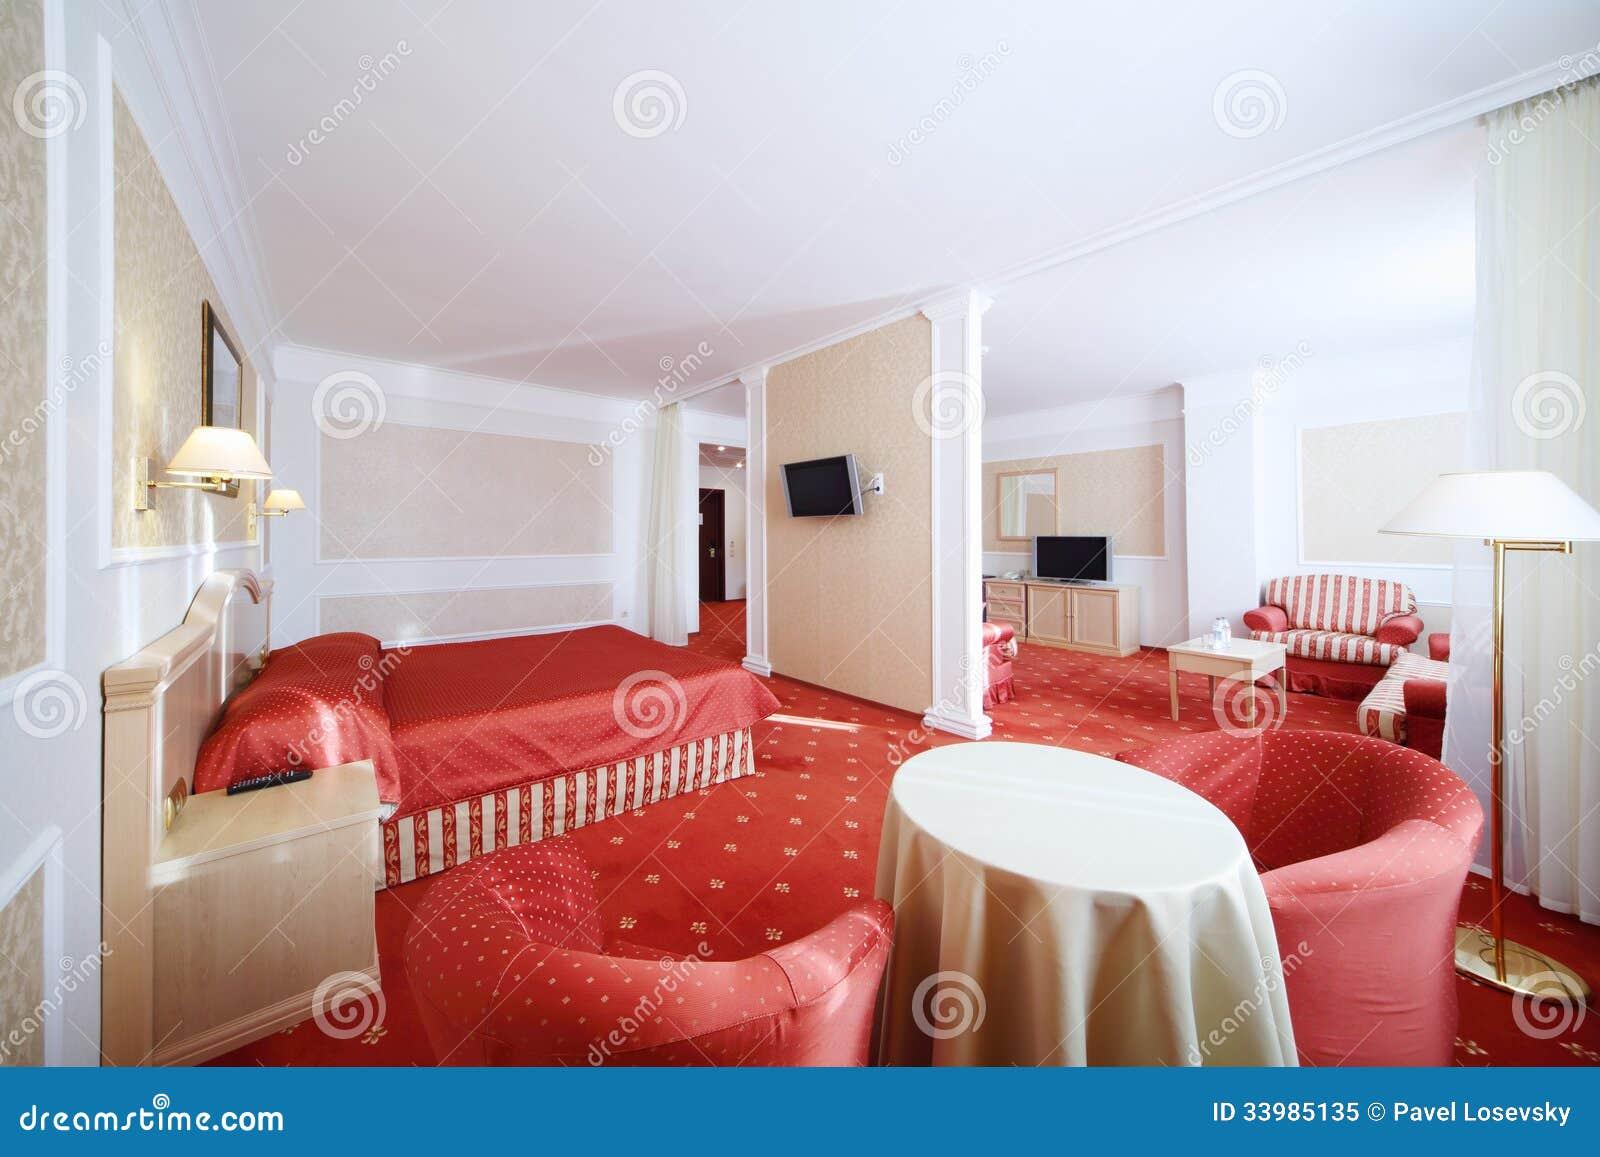 Slaapkamer In Rood : Slaapkamer Met Rood Bed En Woonkamer Royalty ...